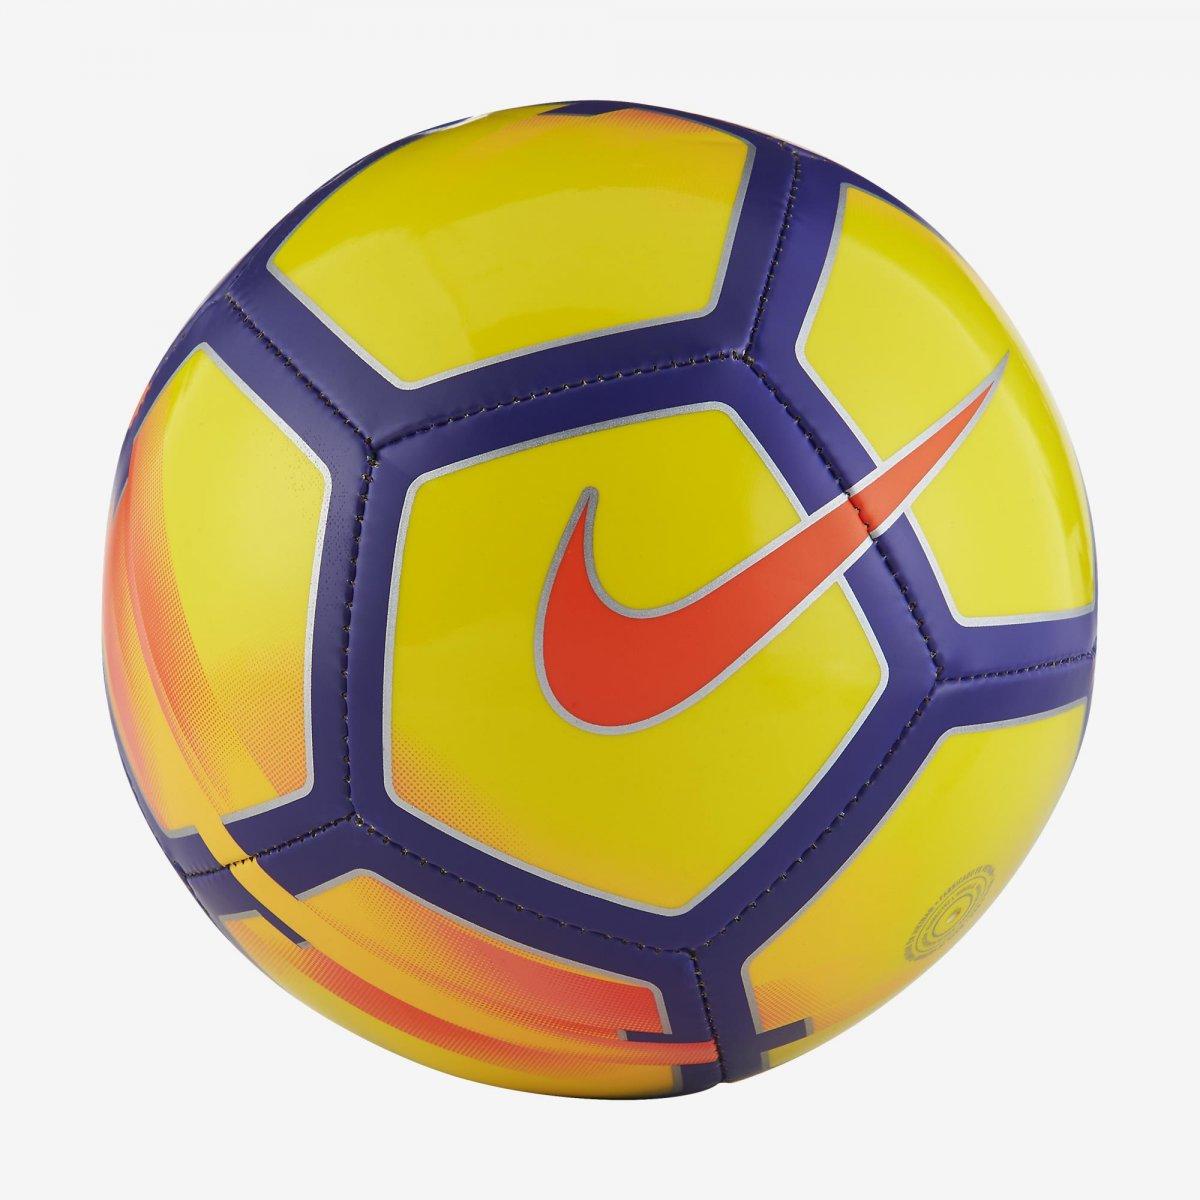 129cd212e6 Bizz Store - Mini Bola Nike Skills Futebol de Campo